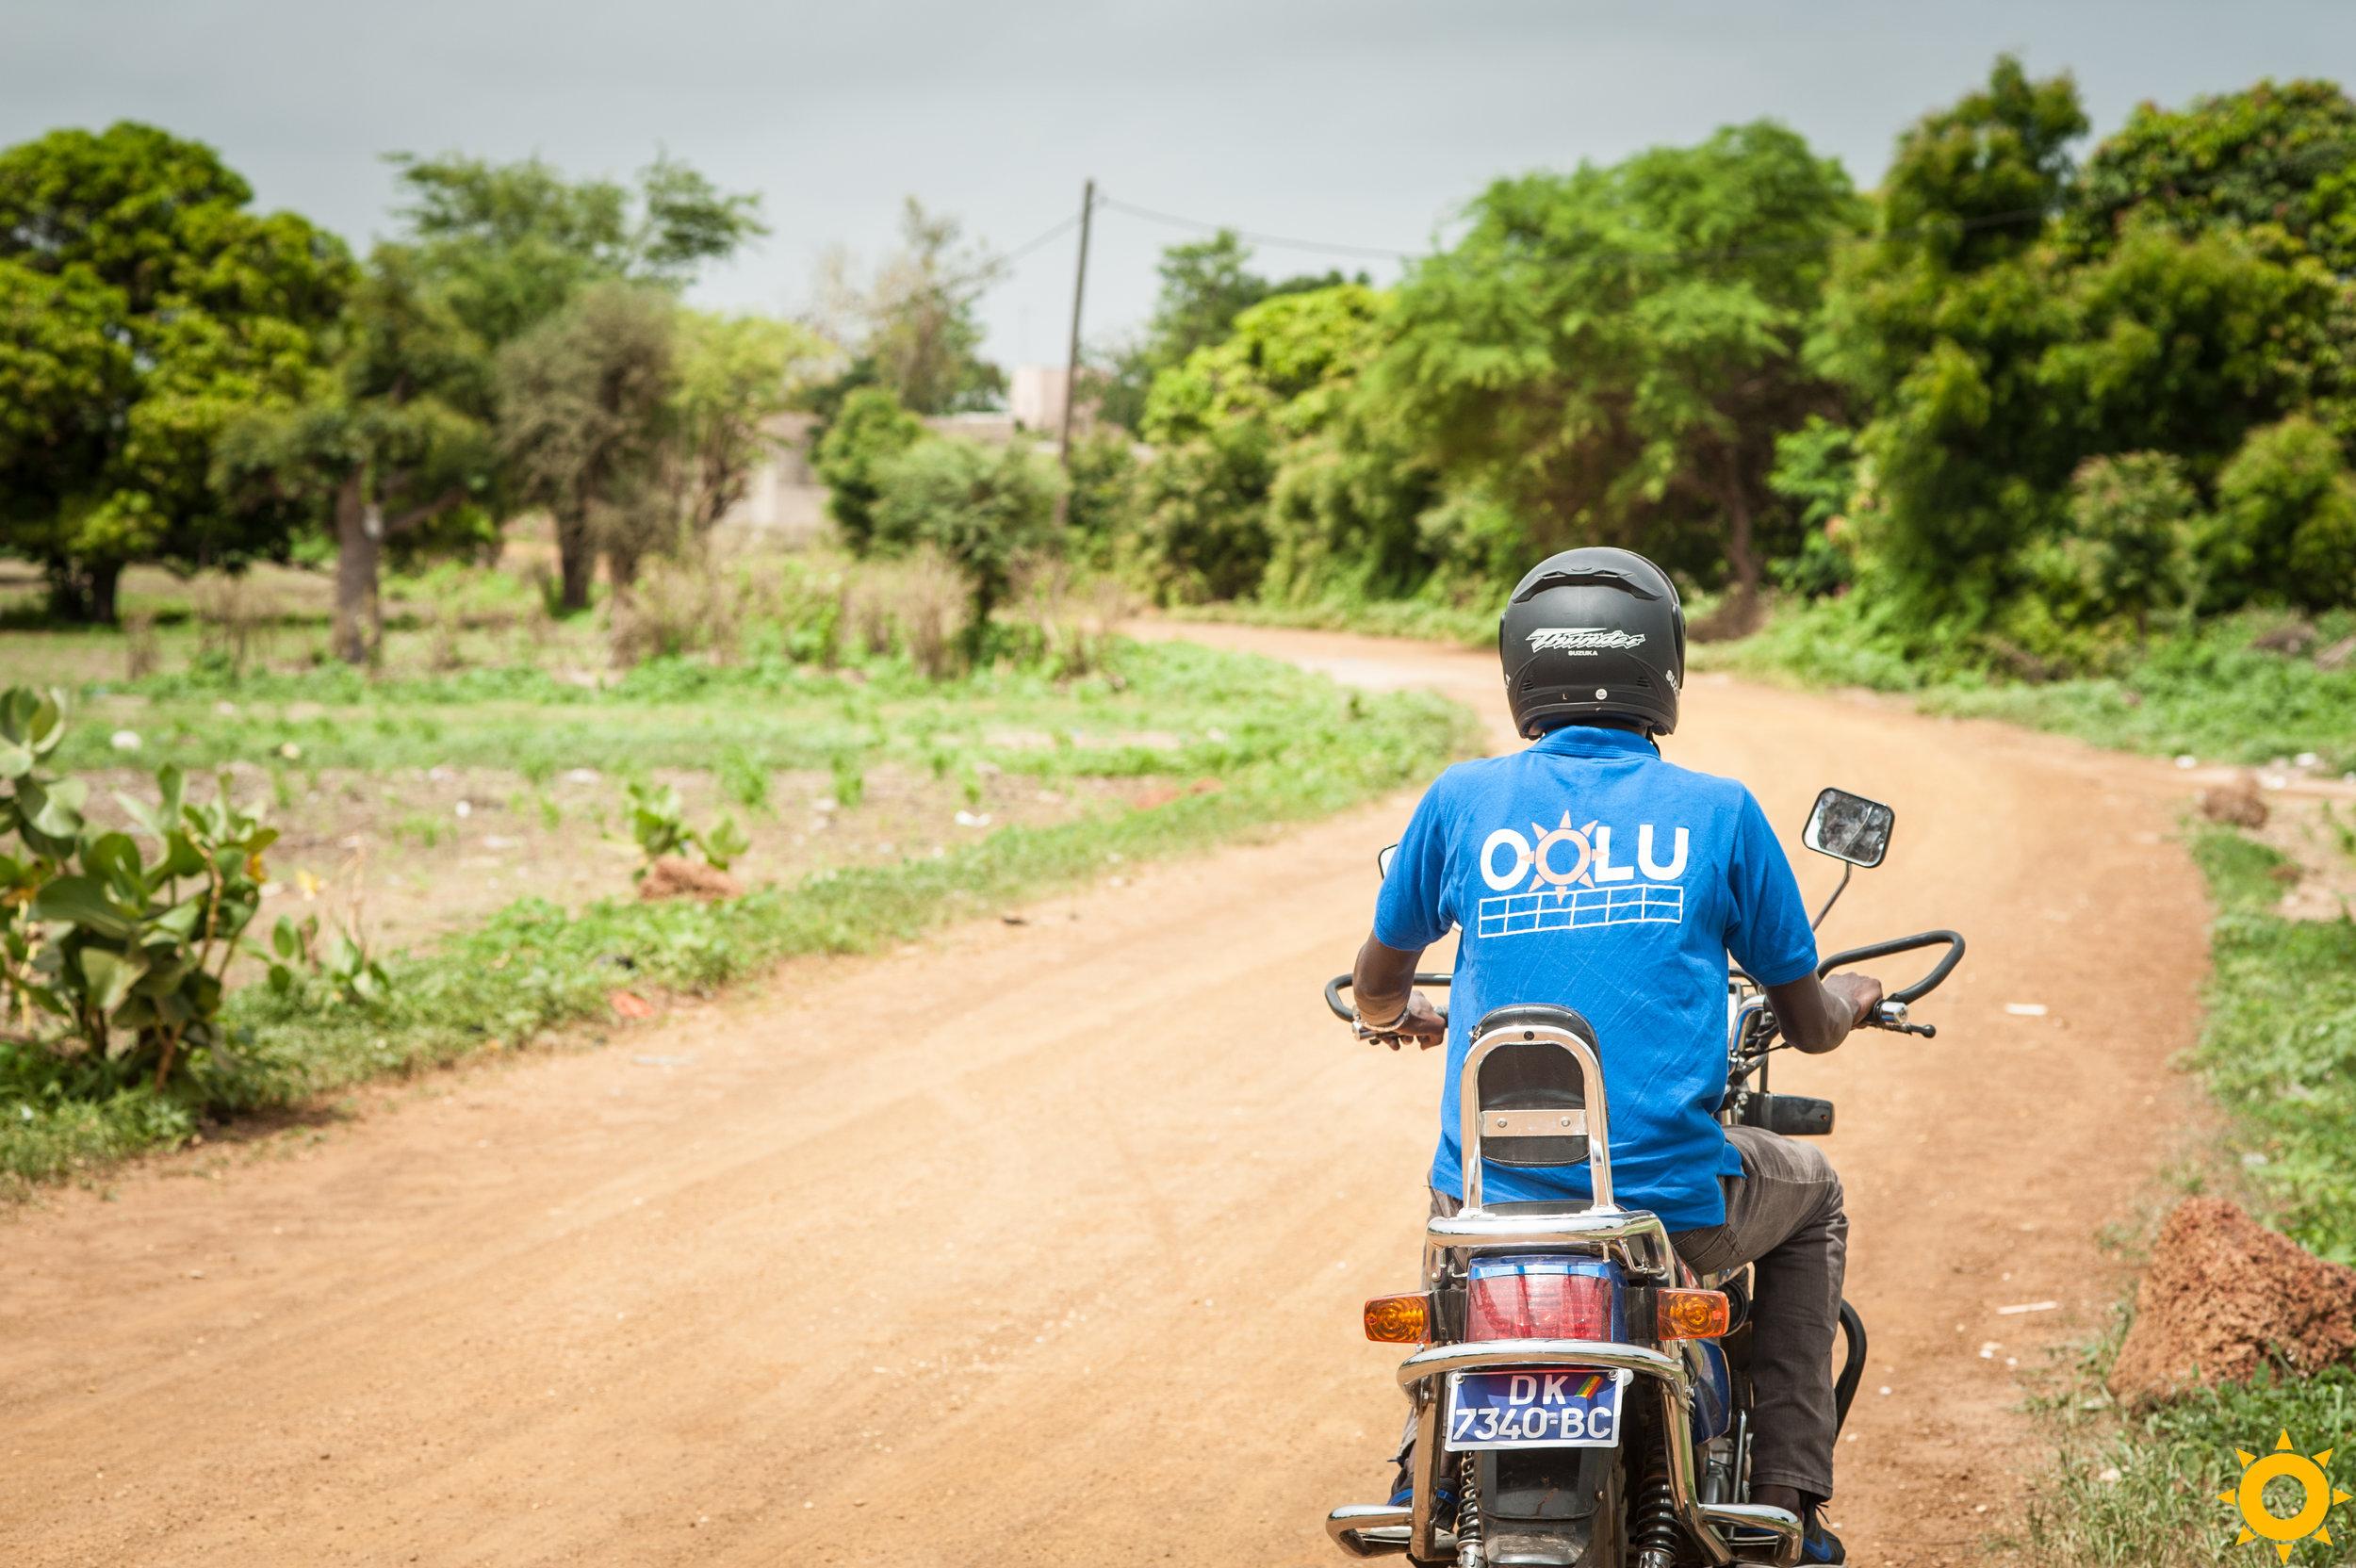 Oolu Press release photo1.jpg